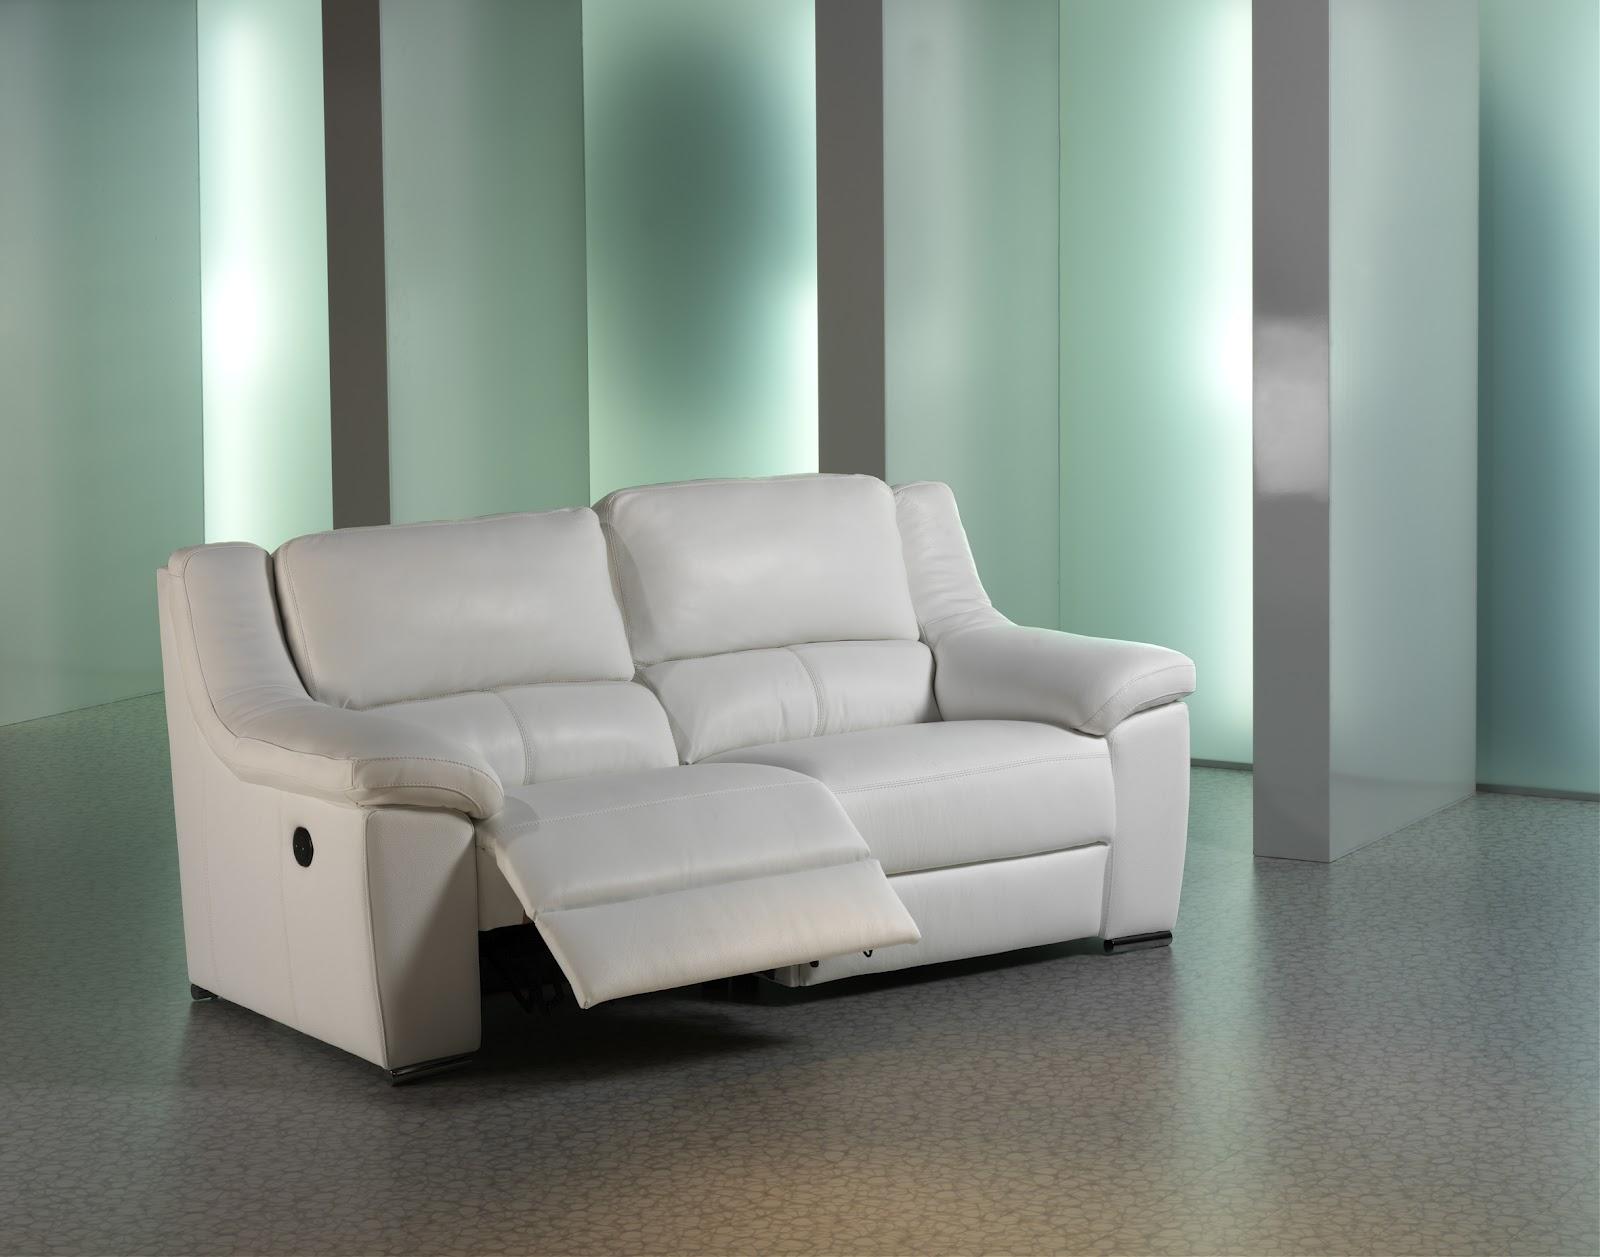 fabrica de sofas piel en yecla